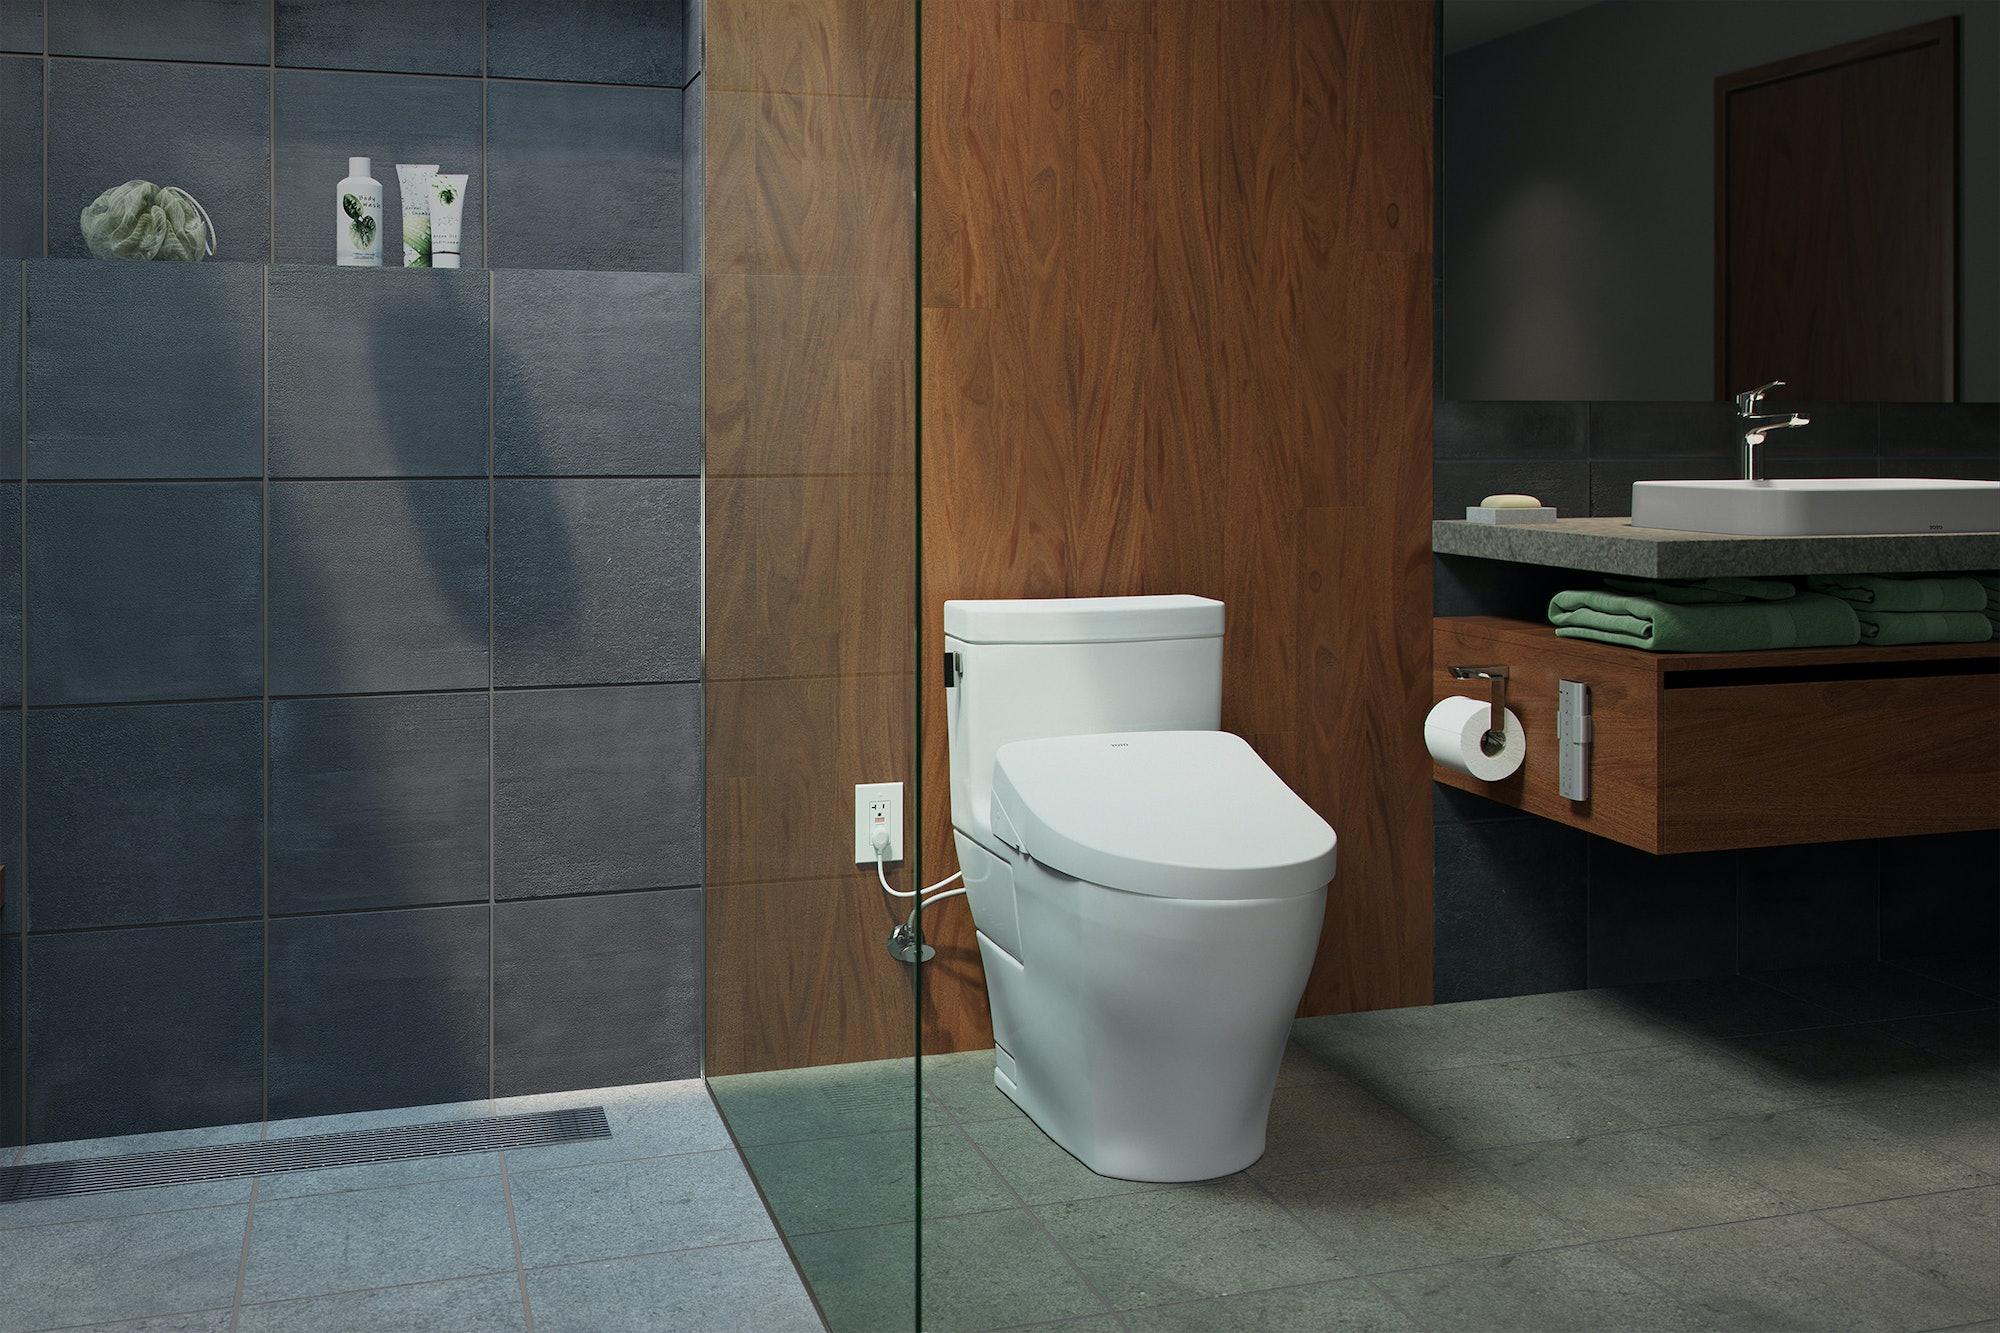 Toto Washlet s550e electronic bidet toilet seat ewater+ legato